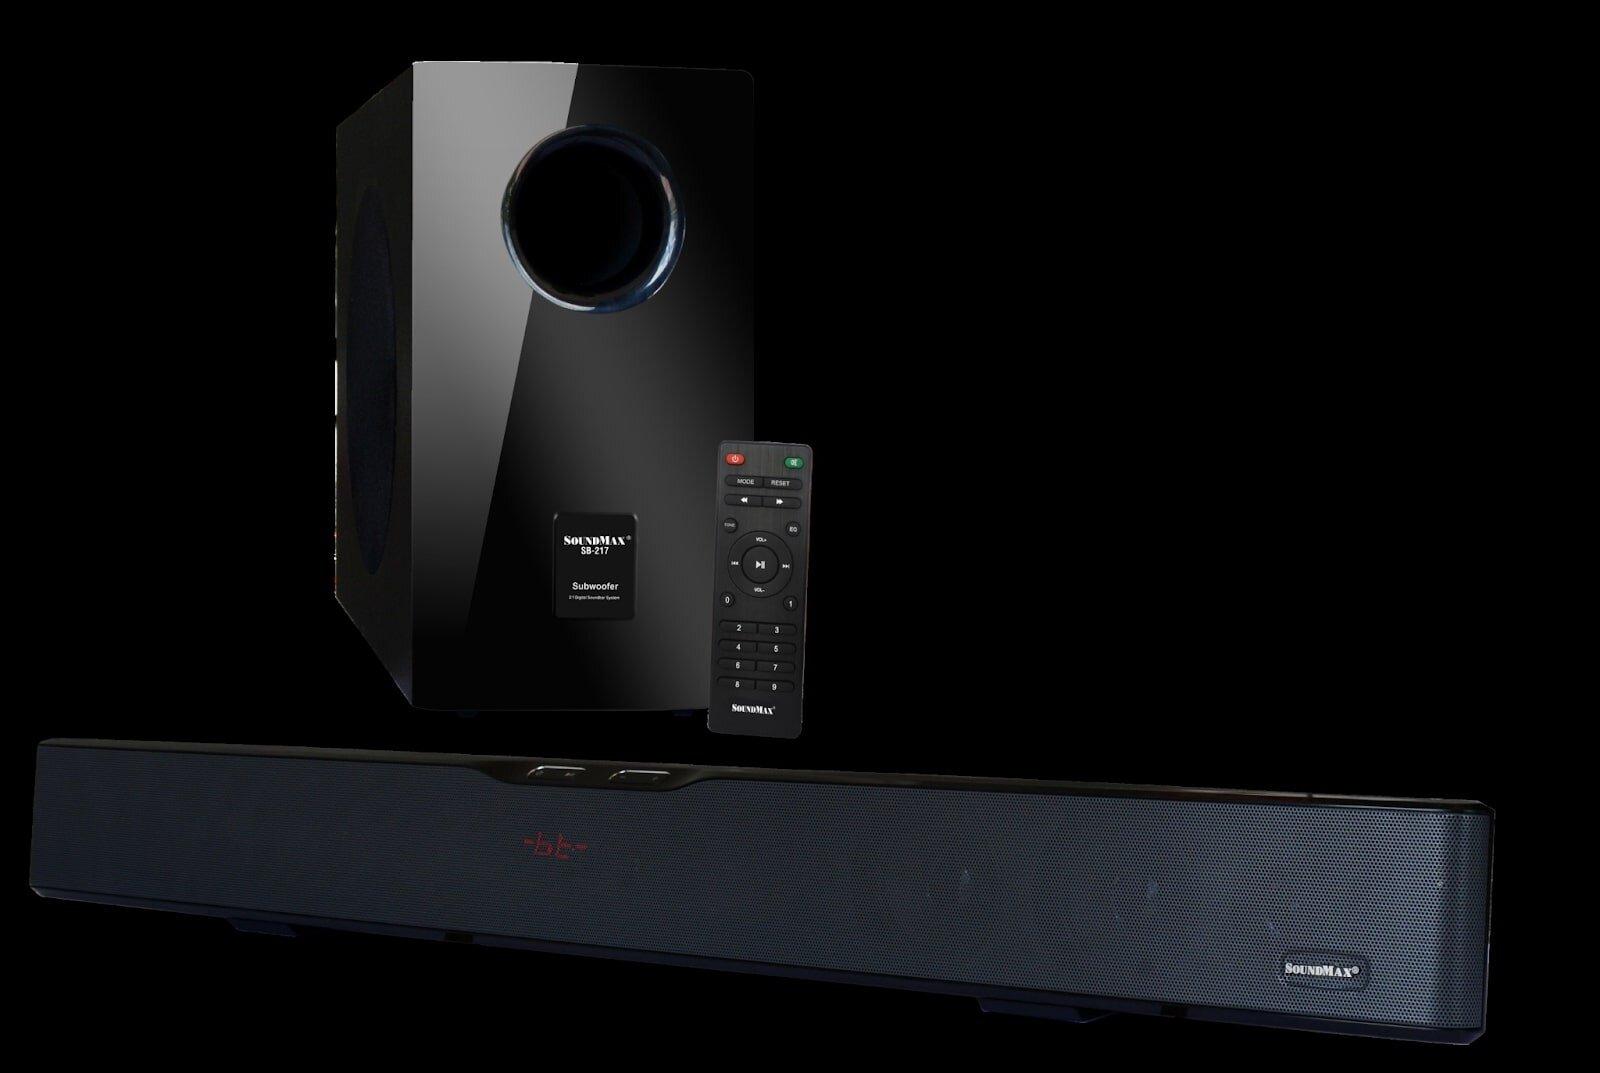 Loa Soundbar 2.1ch Soundmax SB217 sản phẩm loa có chất lượng cao